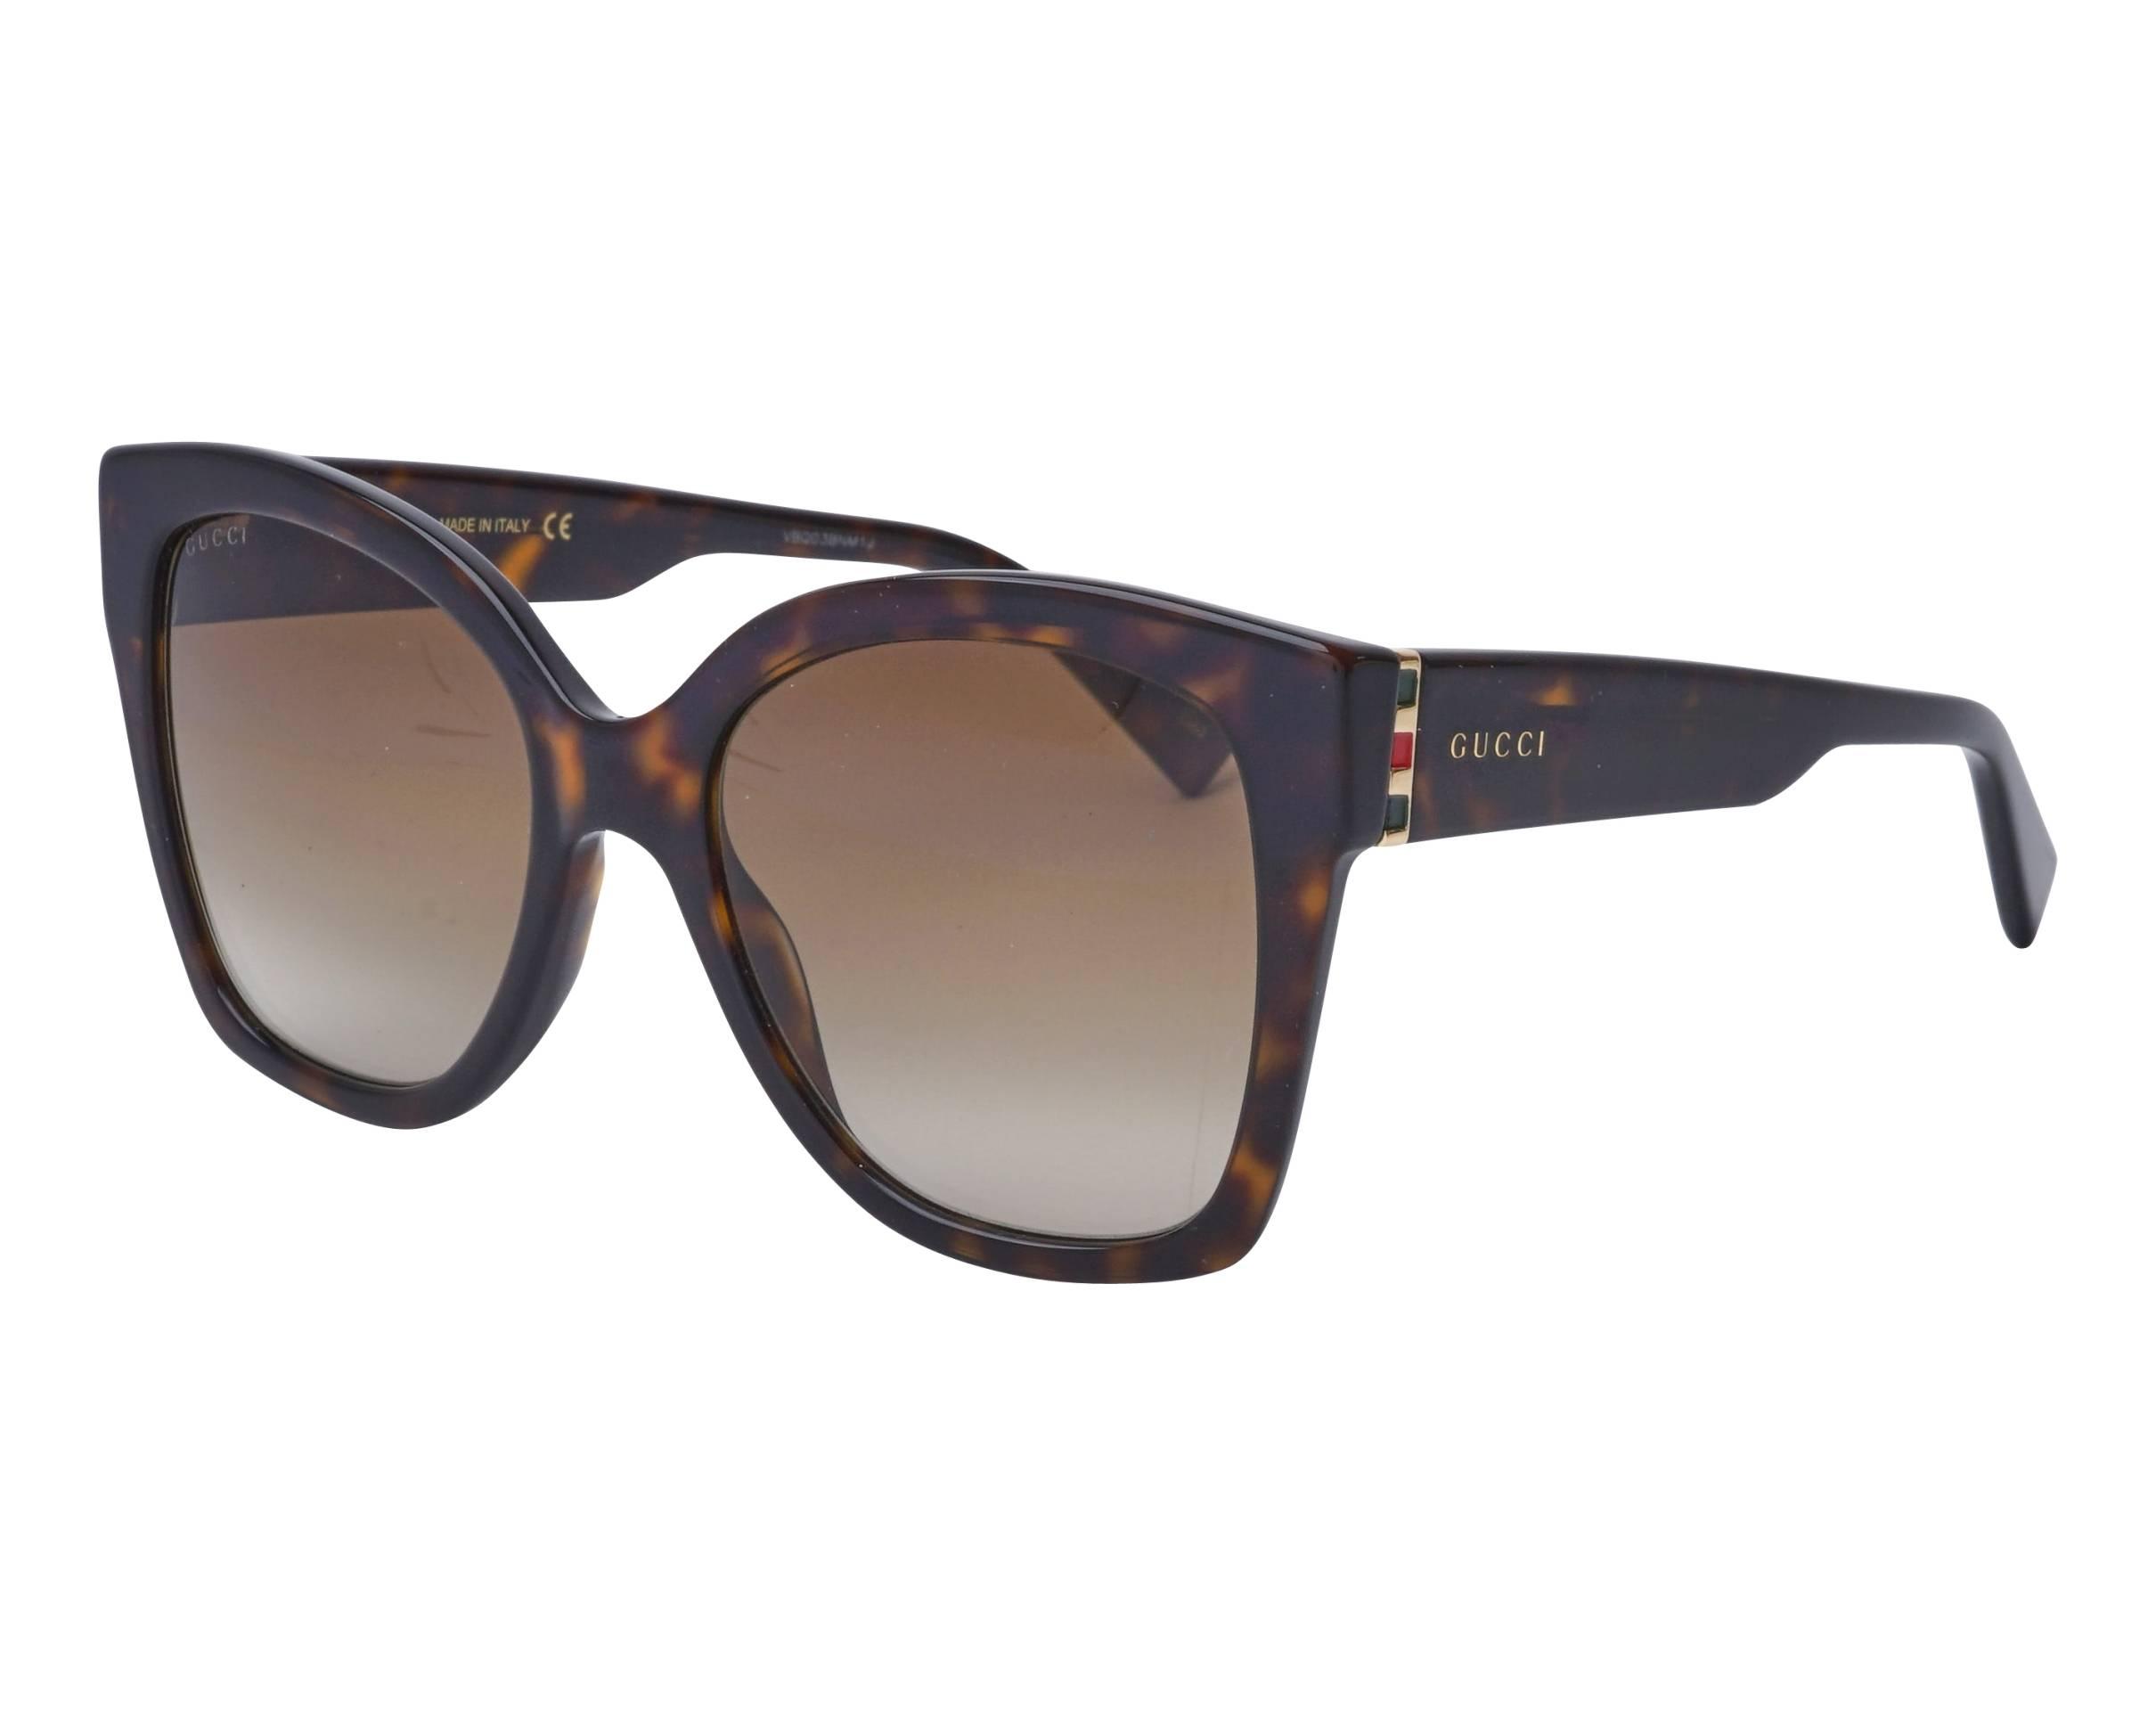 el más nuevo a5487 687d6 Gucci GG-0459-S 002